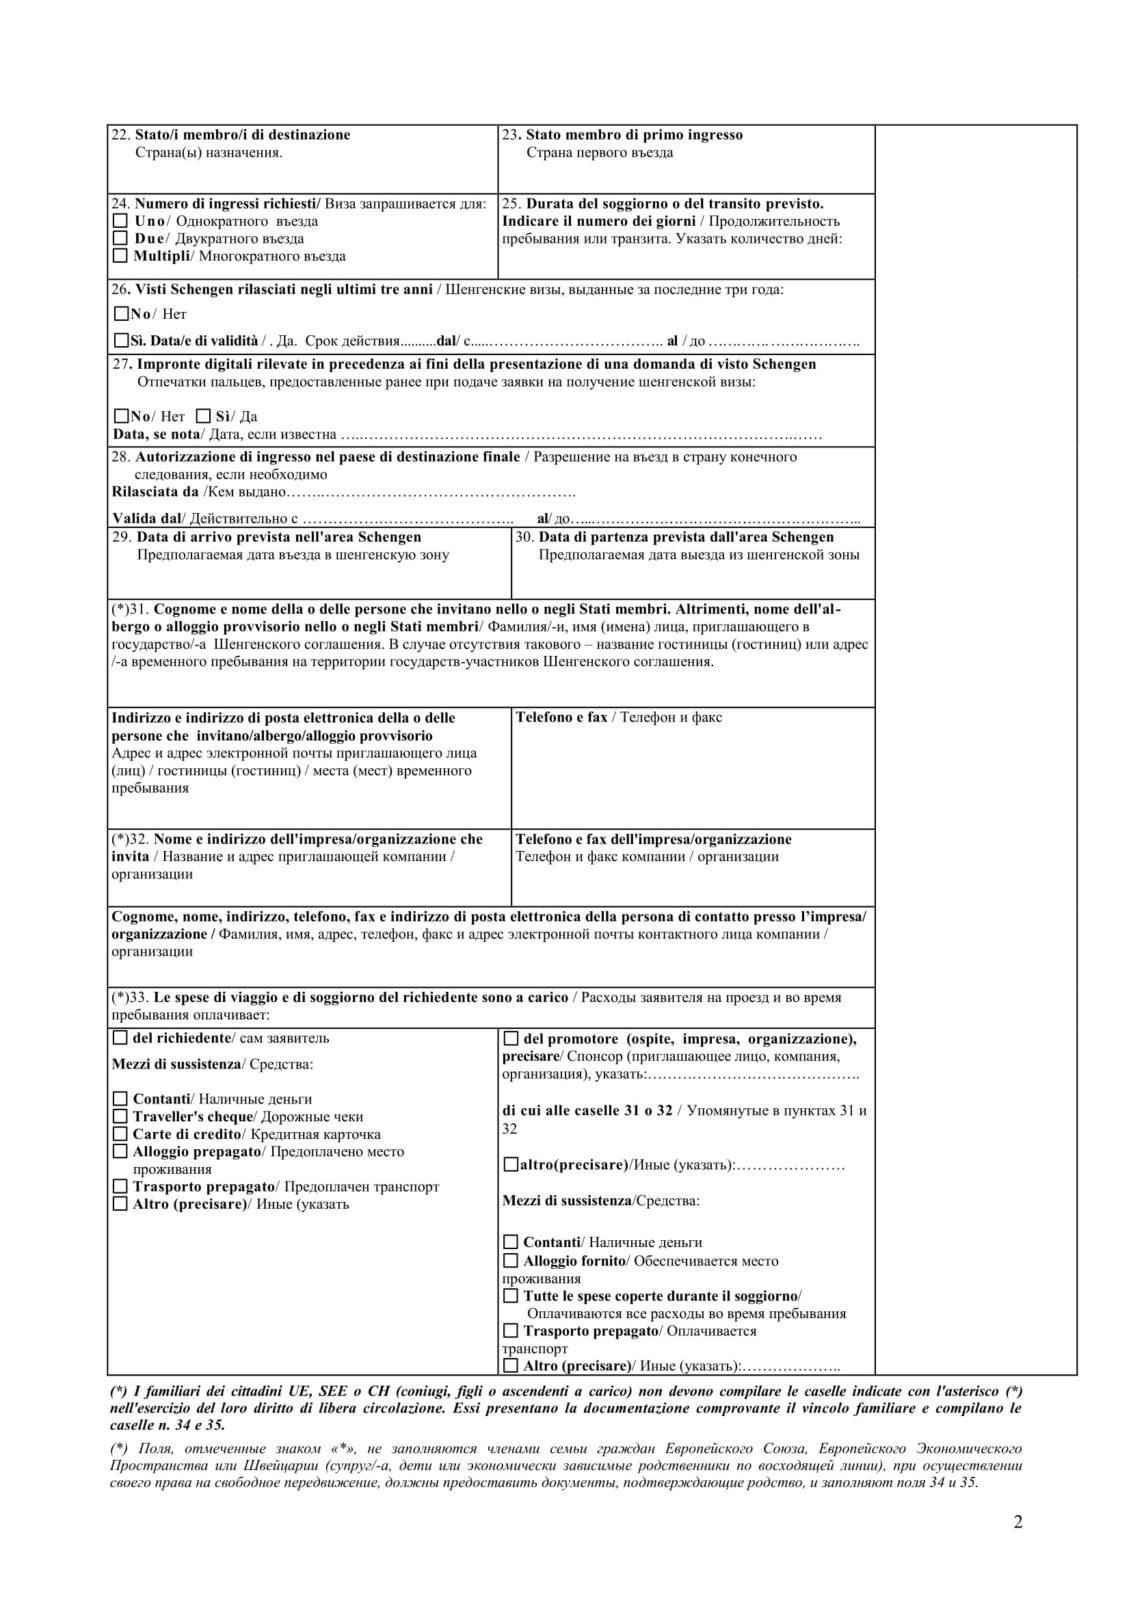 бланк анкеты на визу в италию2